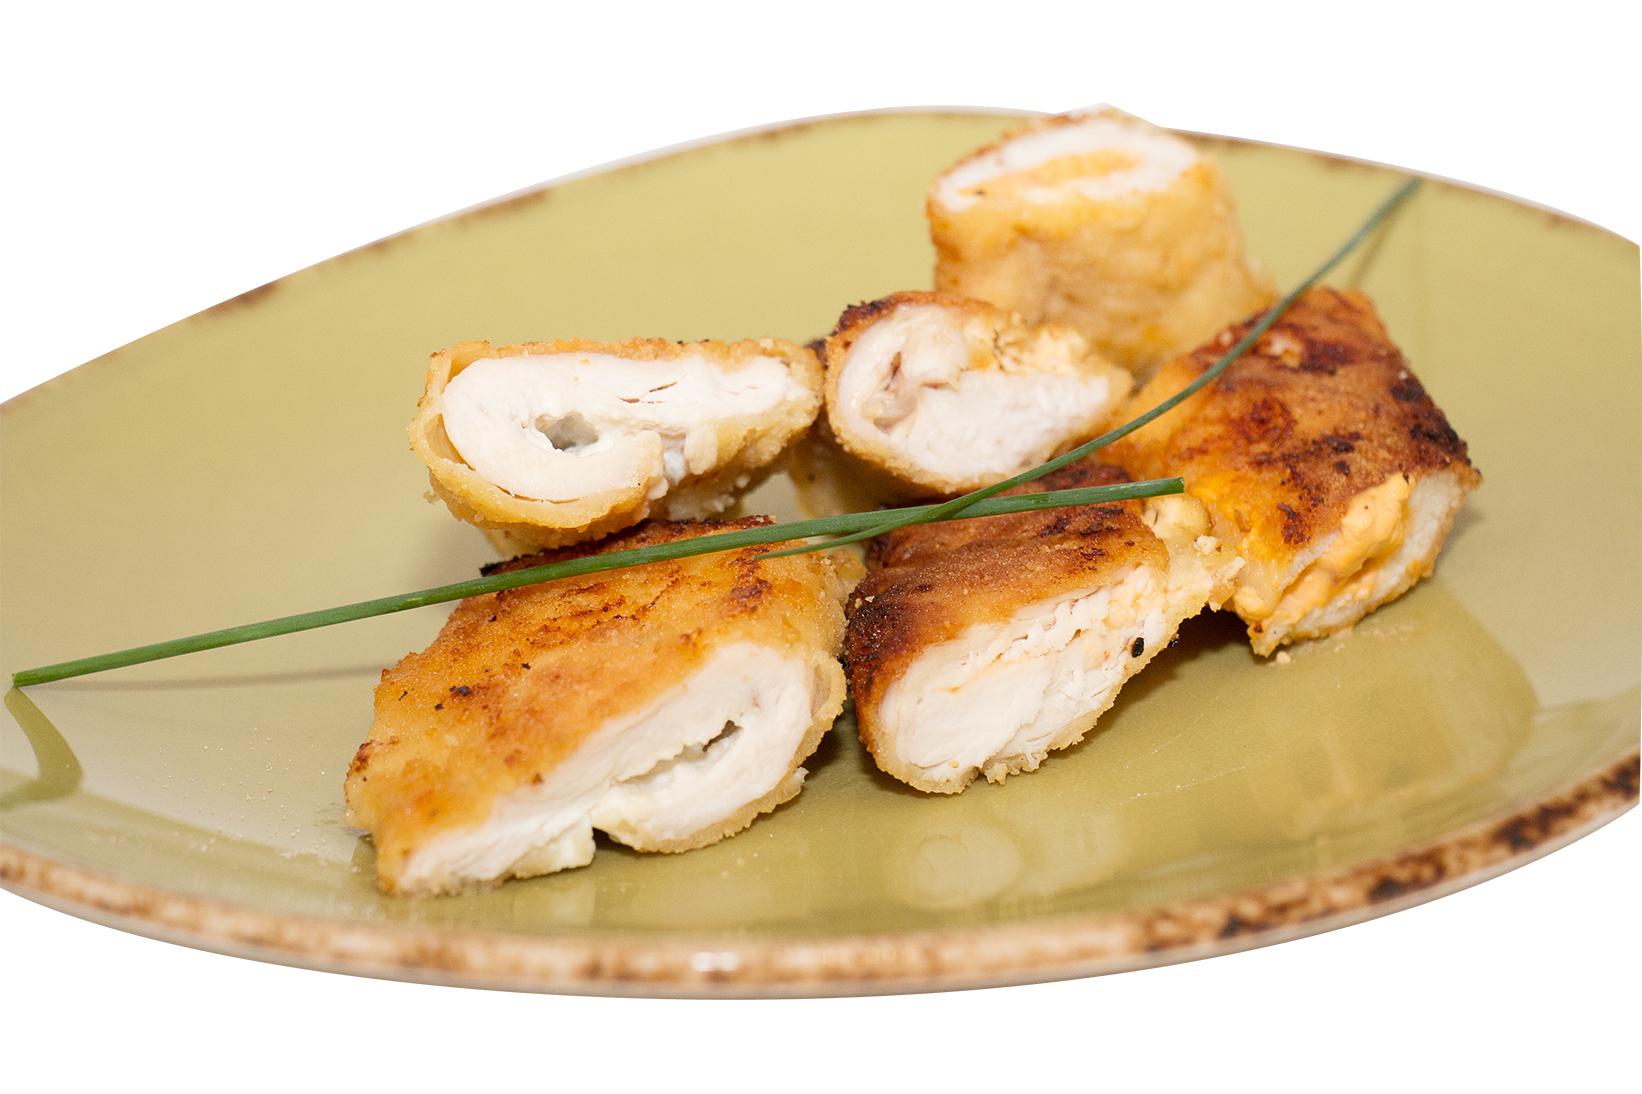 Rollitos de pechugas de pollo rellenos de queso cremoso